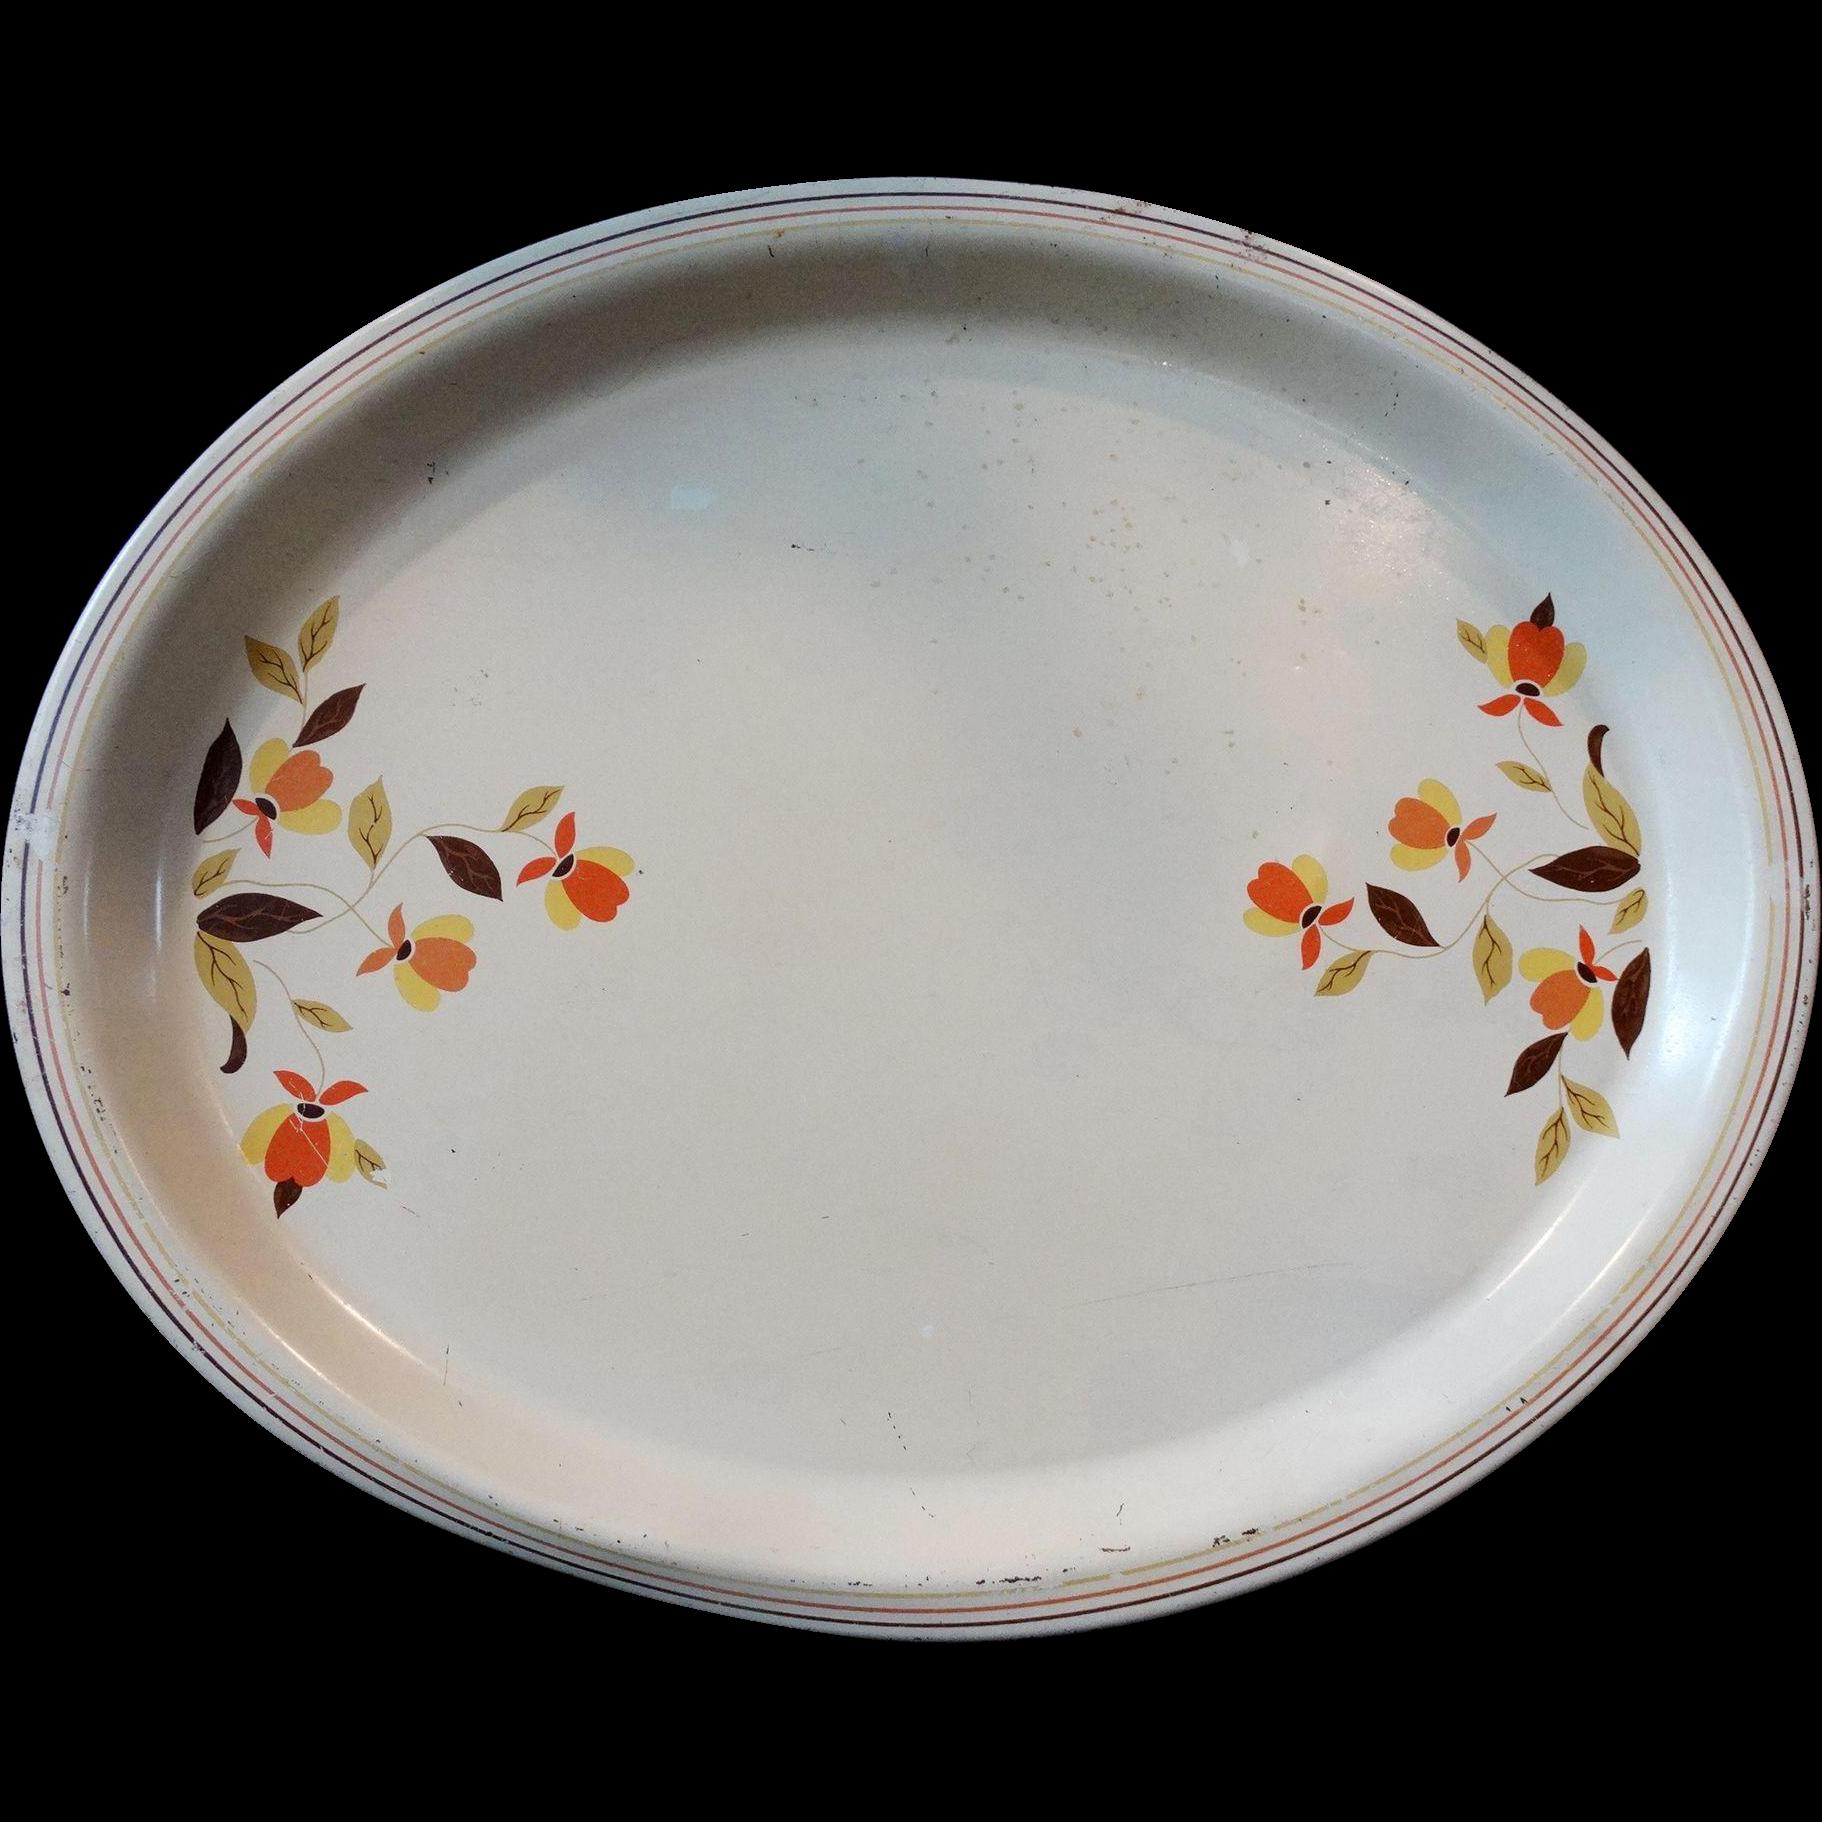 Hall China Jewel Tea Autumn Leaf Serving Tray  Metal